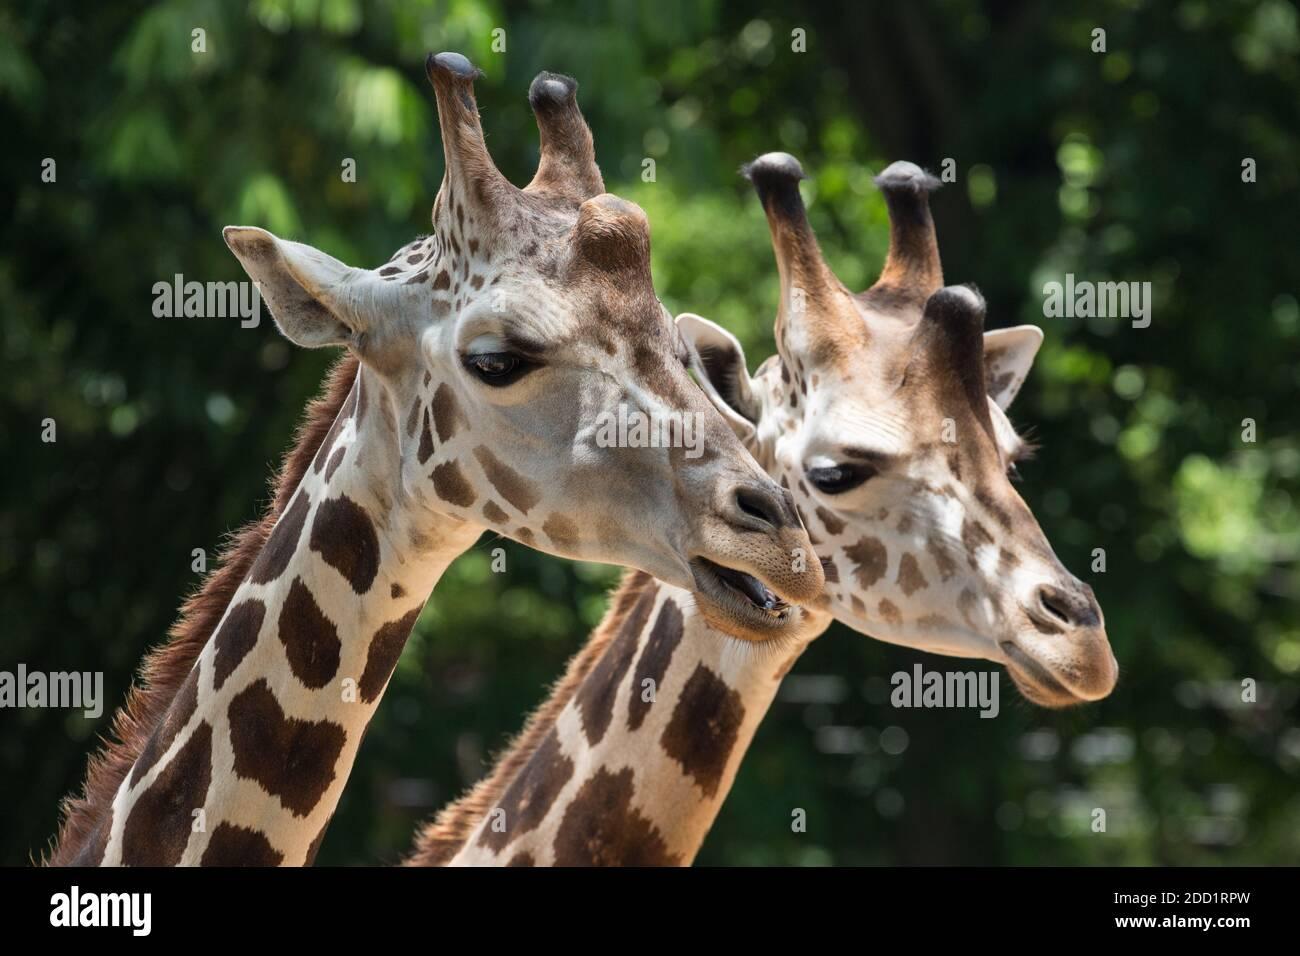 Melman et Mandela sont deux girafes réticulées dans le zoo de la vallée de l'Emporer à Port of Spain, Trinidad. Banque D'Images